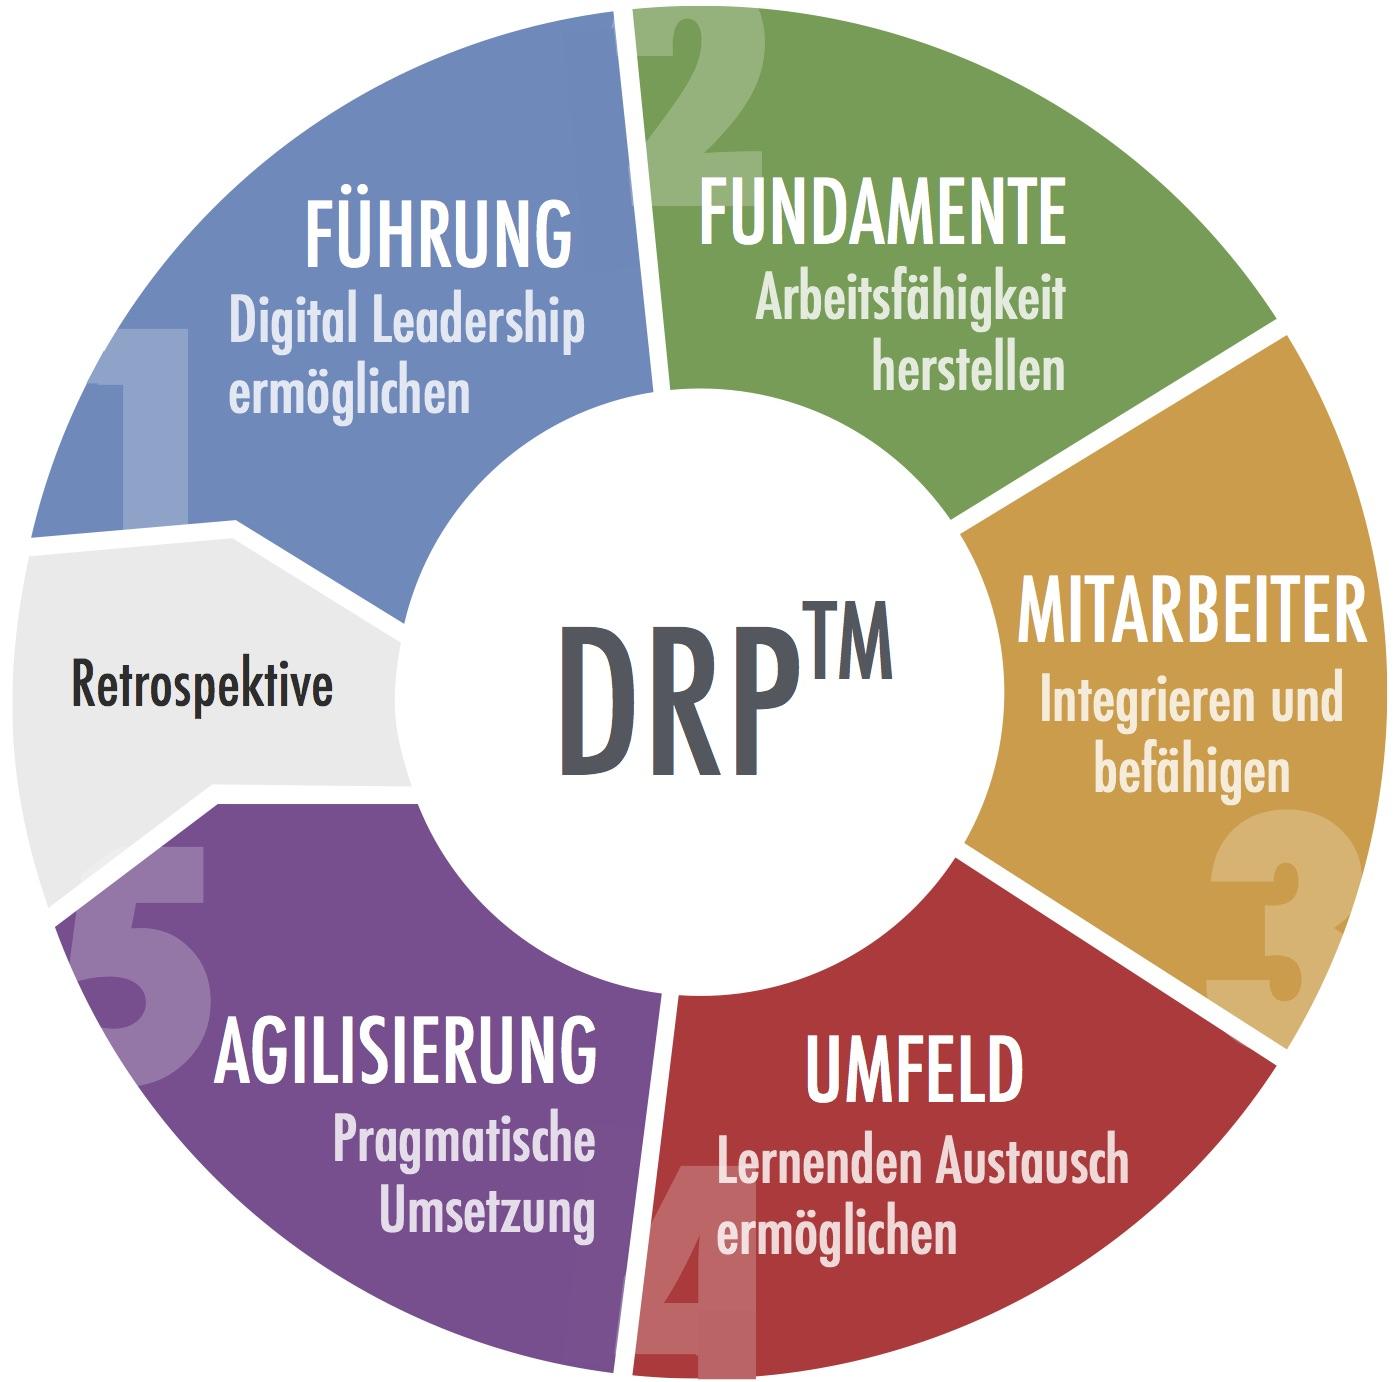 QUANTIC-DRPTM-Modell.jpg